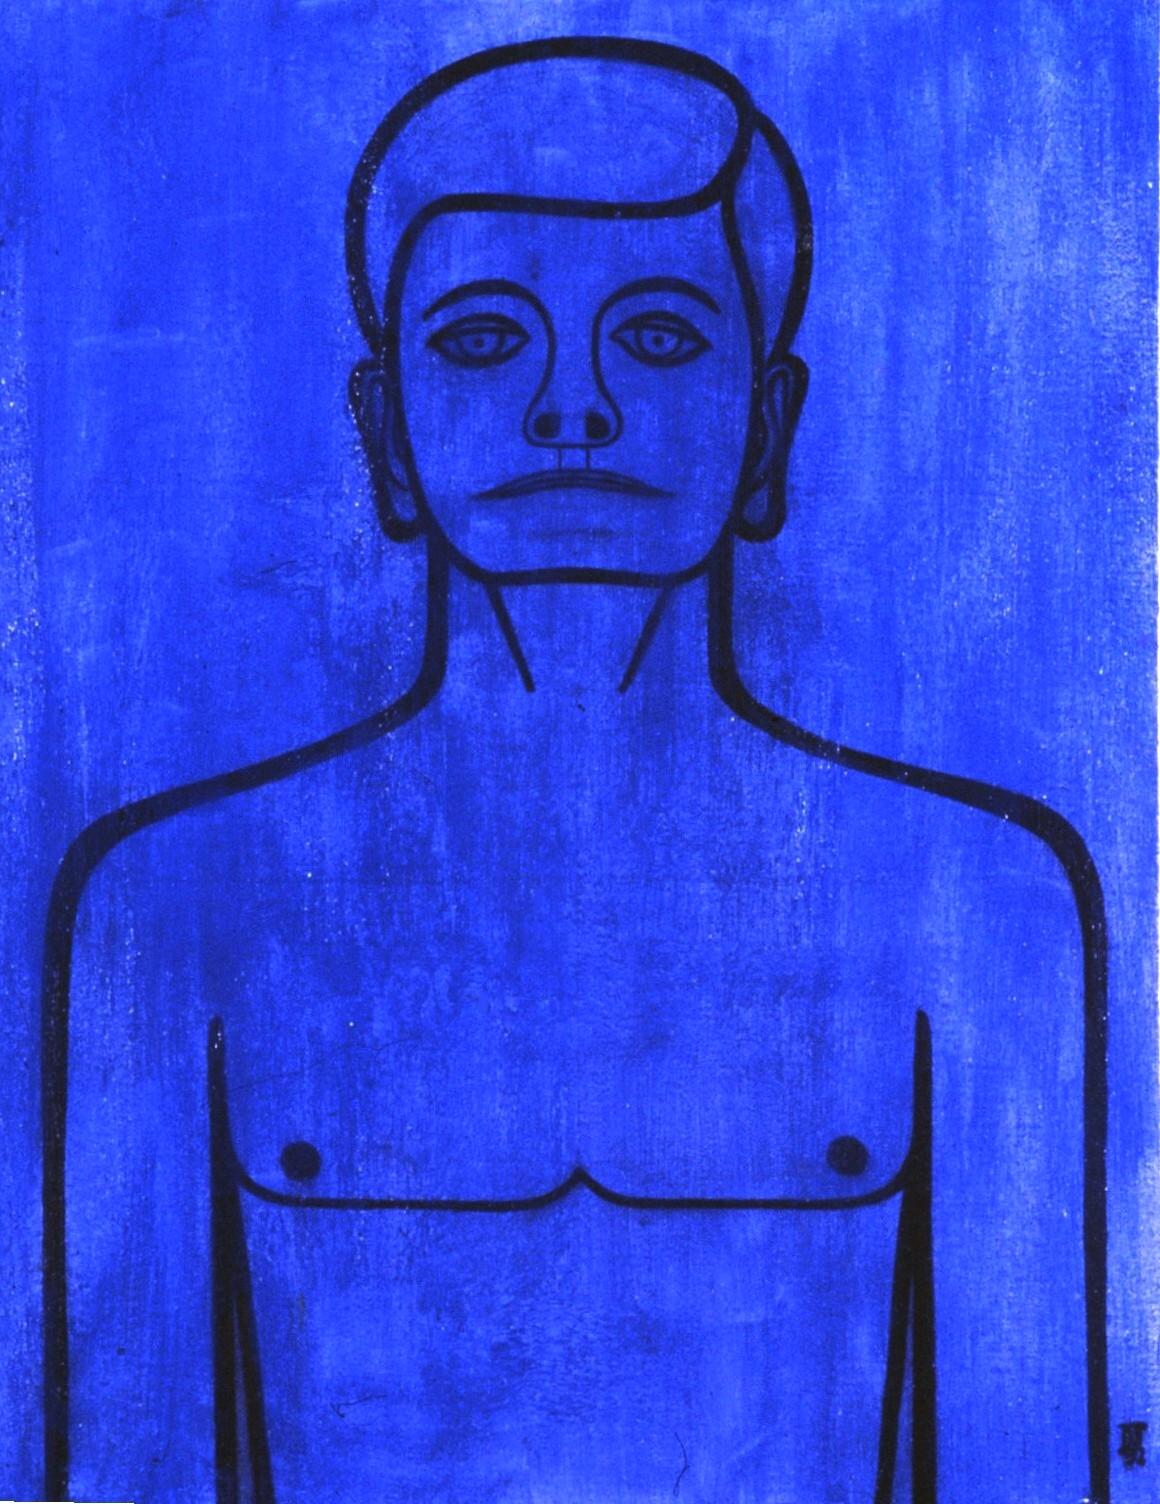 Return of Blue Boy